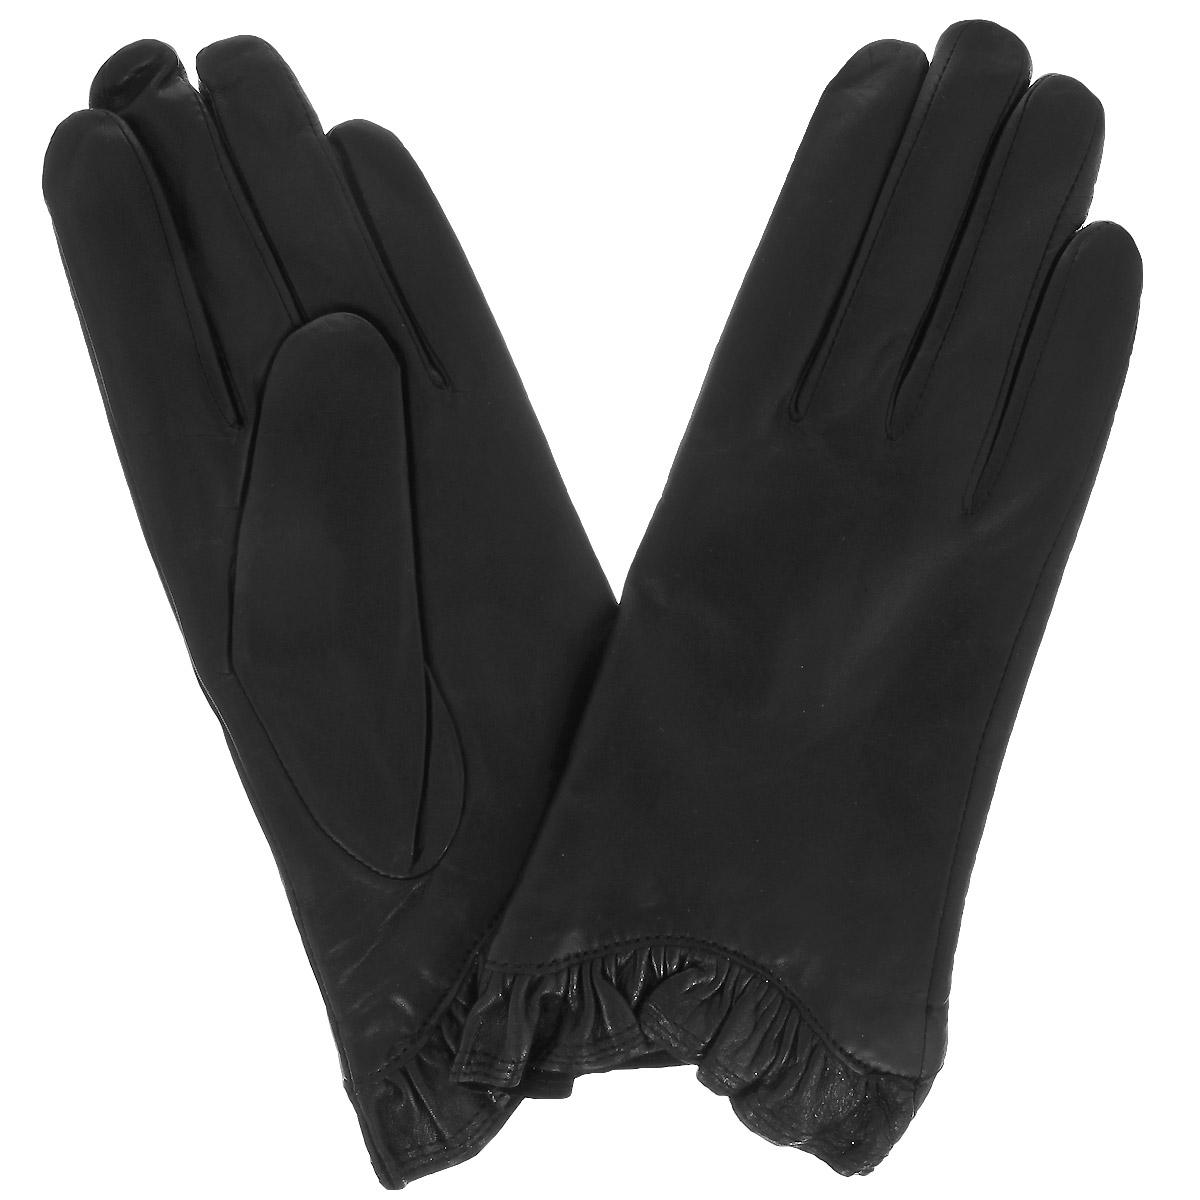 Перчатки женские Dali Exclusive, цвет: черный. 11_MARGE/BL//11. Размер 711_MARGE/BL//11Стильные женские перчатки Dali Exclusive с подкладкой из 100% шерсти выполнены из мягкой и приятной на ощупь натуральной кожи ягненка.Манжеты по краю декорированы оборкой. Такие перчатки подчеркнут ваш стиль и неповторимость и придадут всему образу нотки женственности и элегантности.